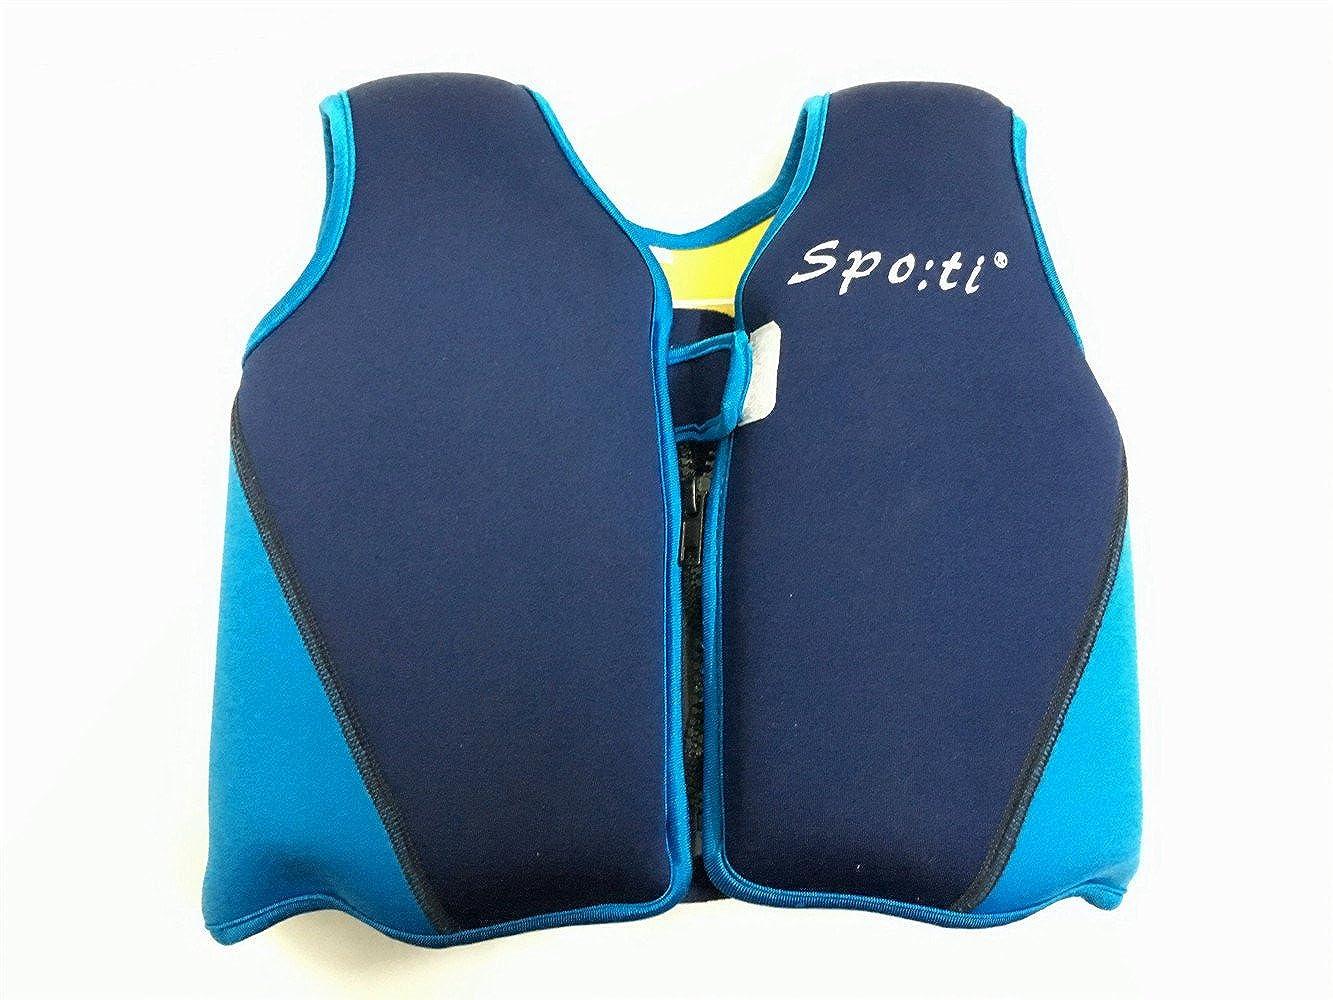 Titop Swim Vest para niños Infant Swim Trainer Chaleco para bebés Kids Float Vest Blue + Yellow Small para niños 0-3 años: Amazon.es: Ropa y accesorios